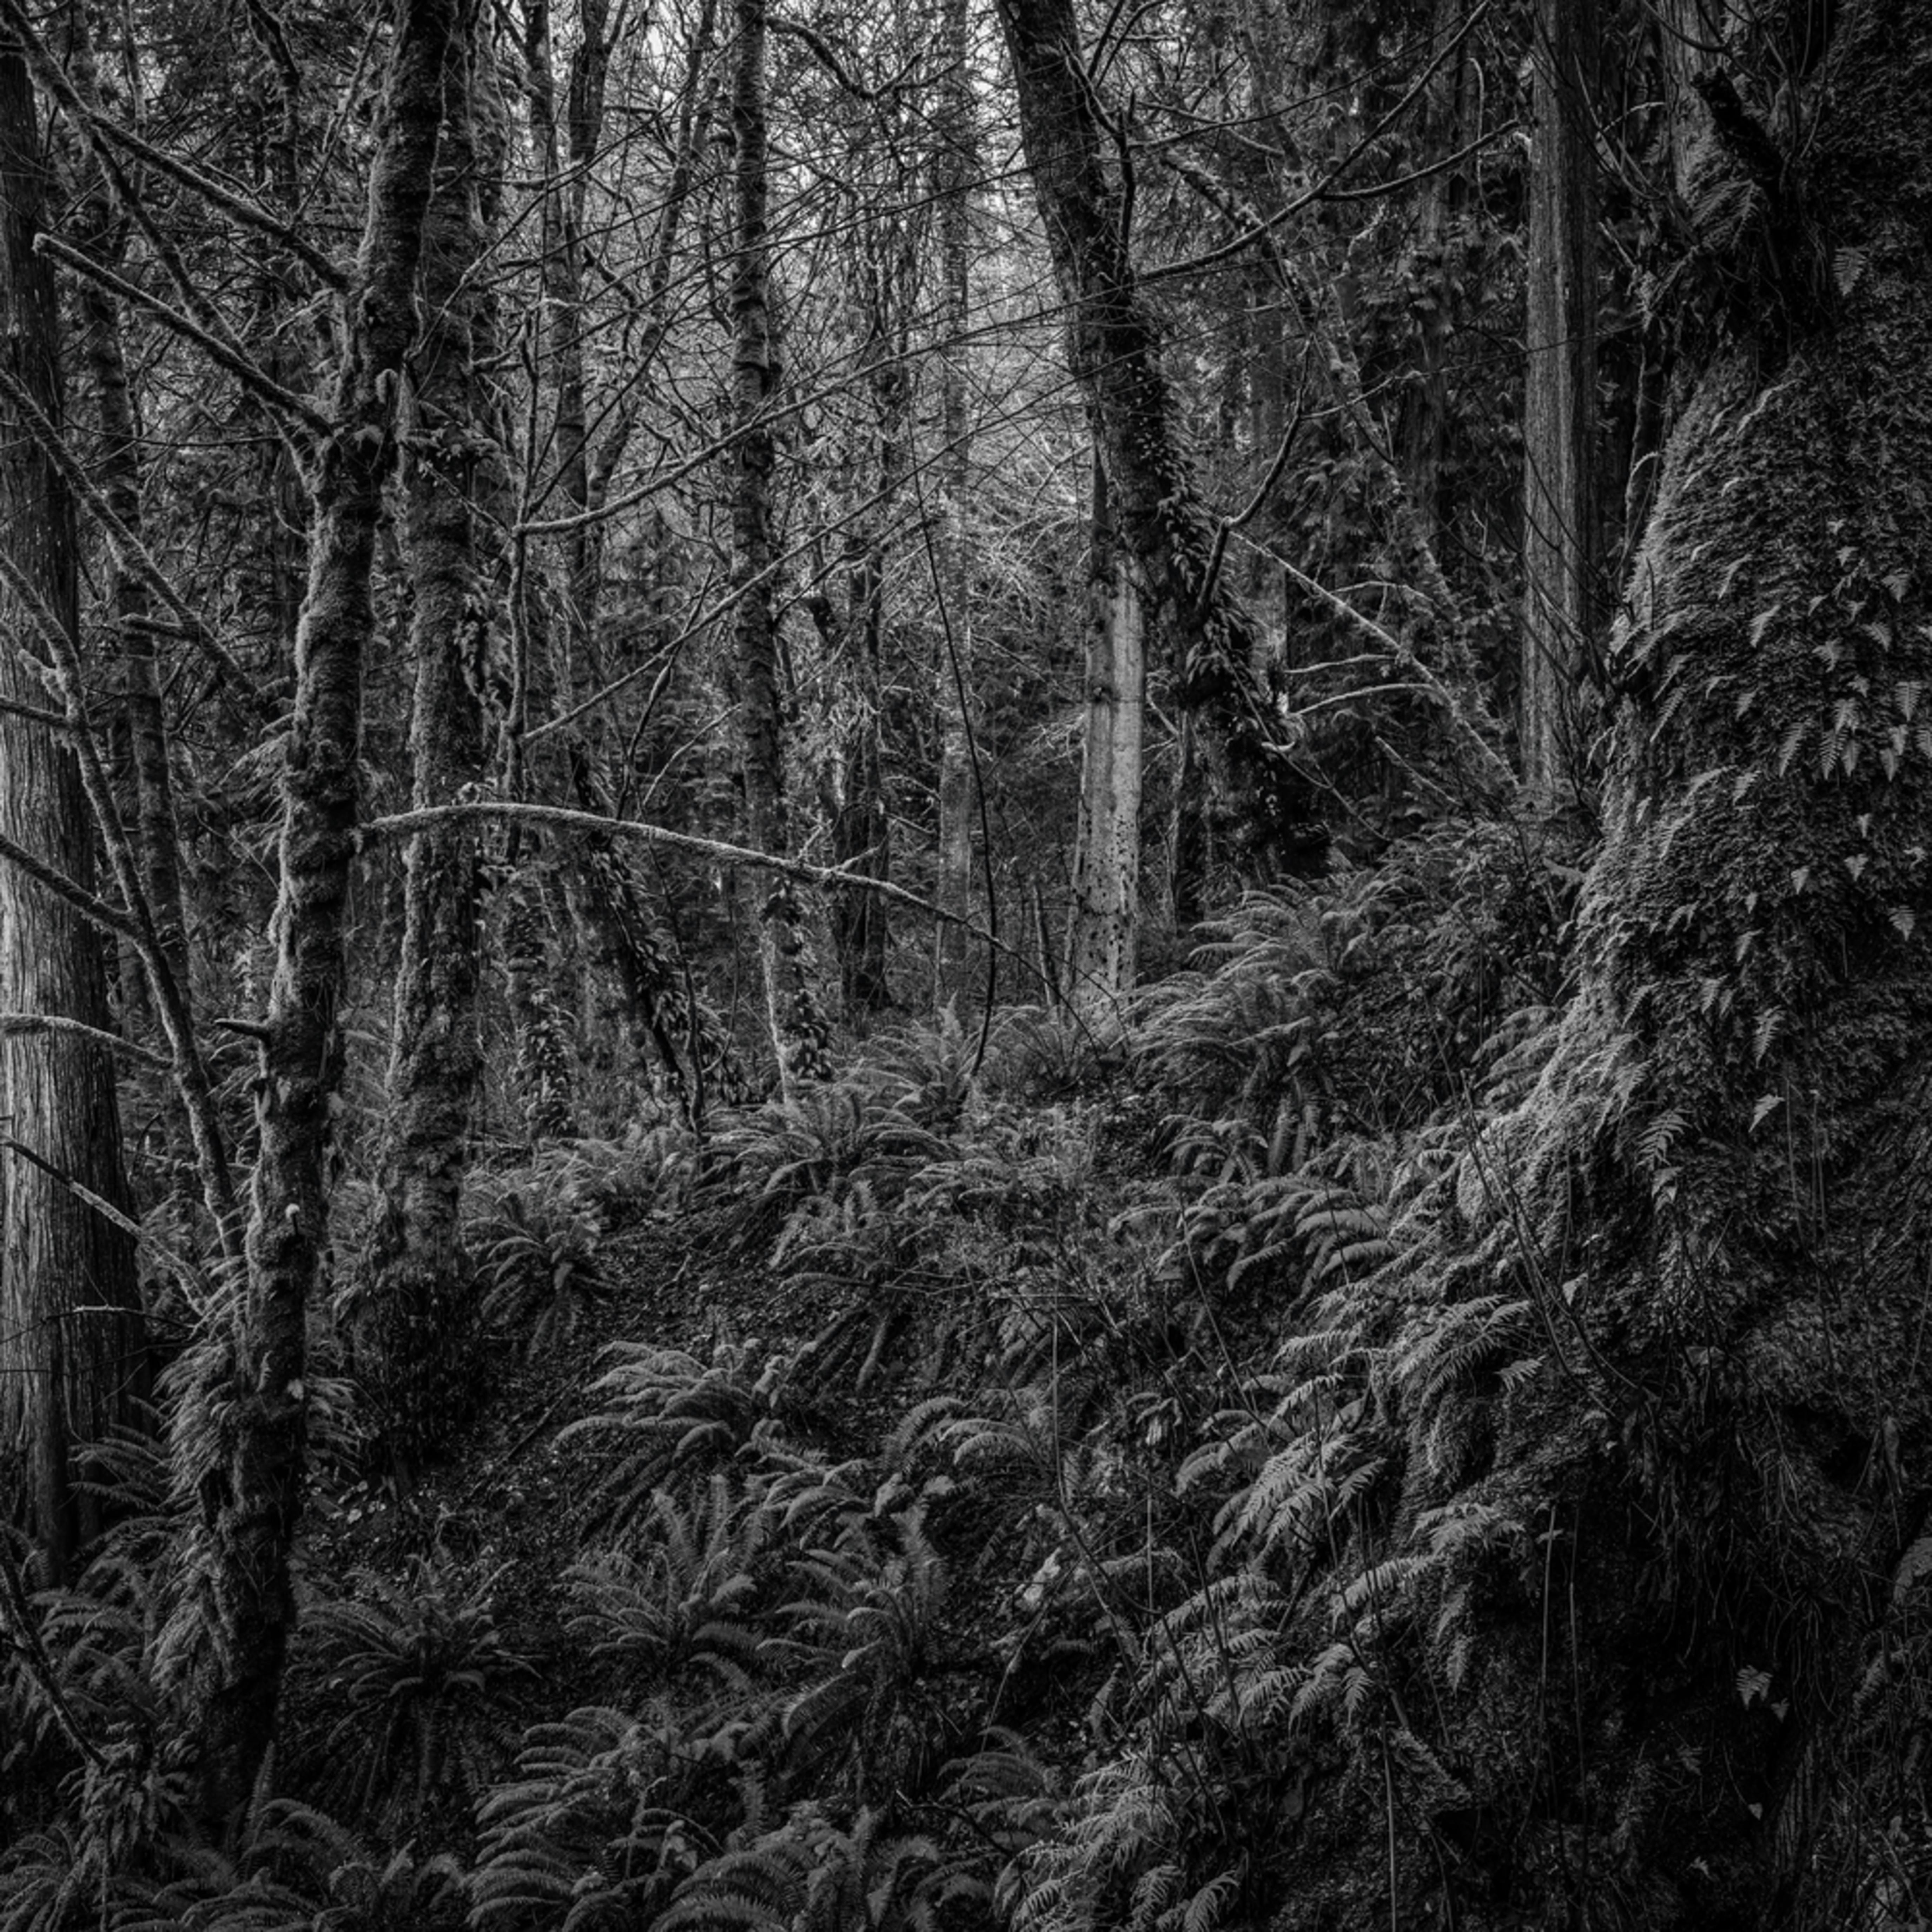 Forest kopachuck washington 2020 bgvqtw